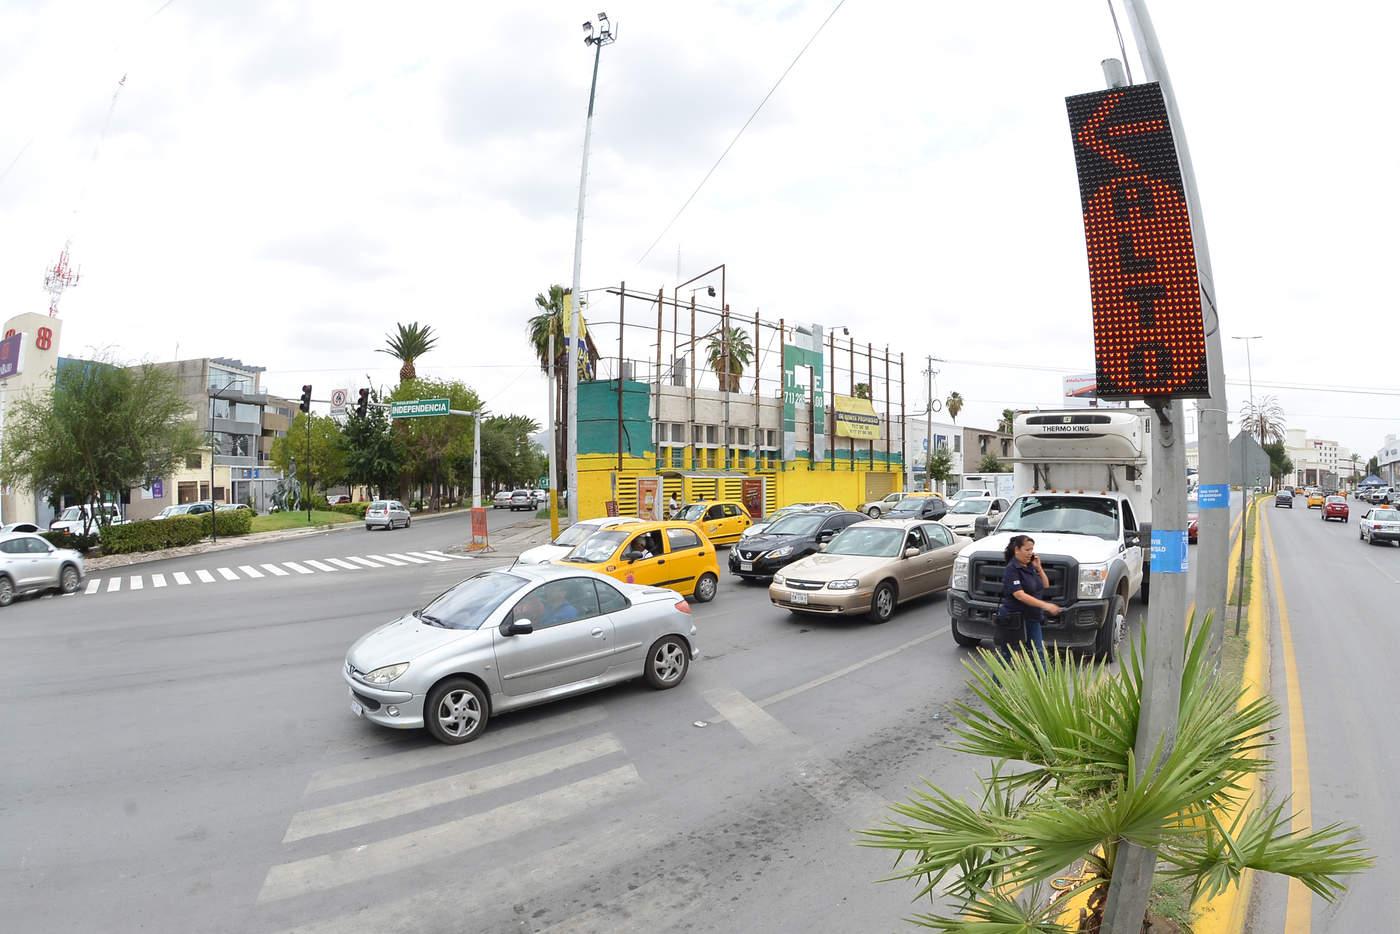 Tecnología. Este año se espera cambiar la totalidad de los semáforos en Torreón a luz tipo LED. (EL SIGLO DE TORREÓN)